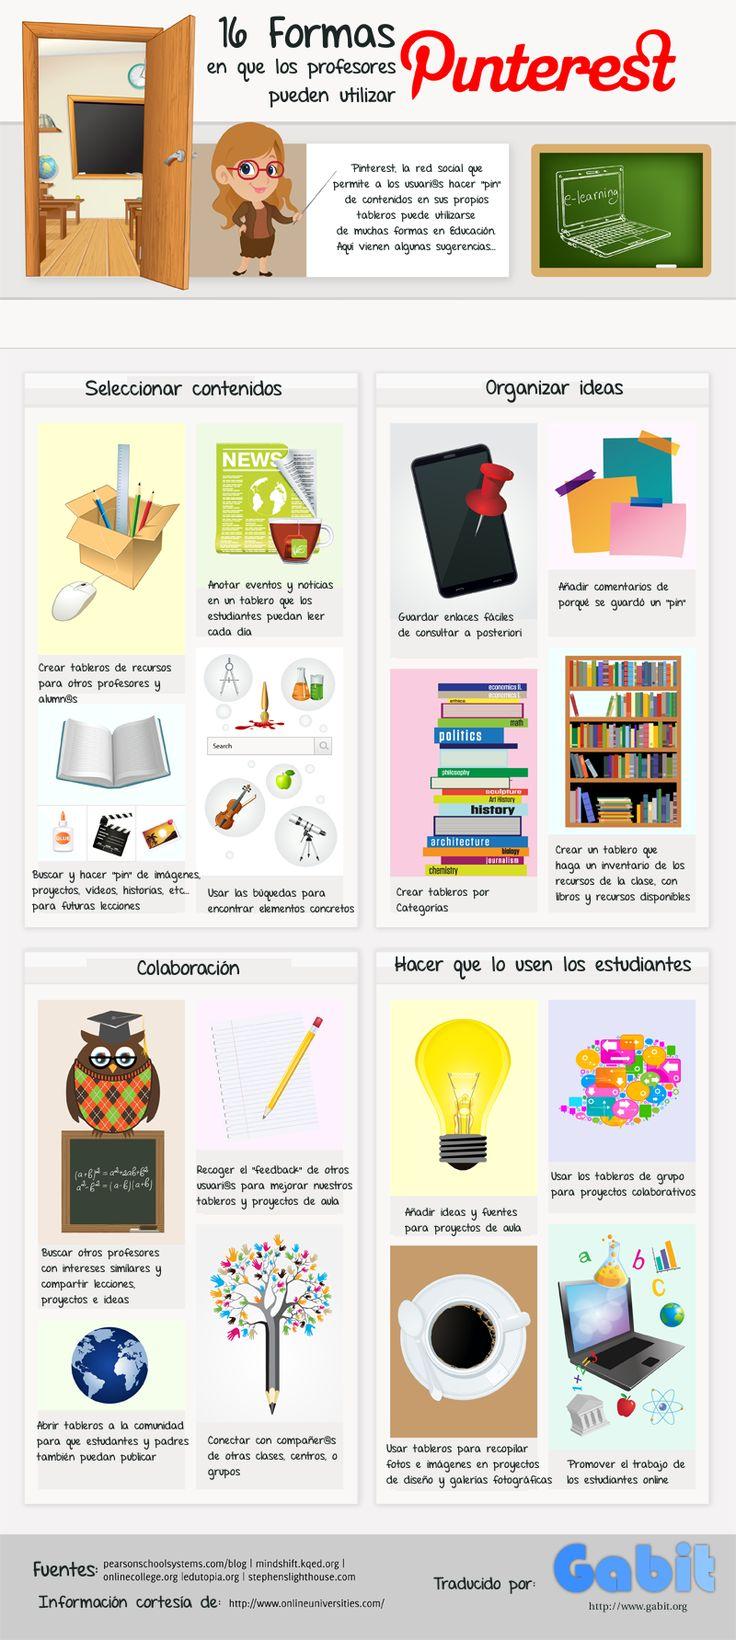 Infografía: 16 formas en que los profesores pueden utilizar Pinterest.